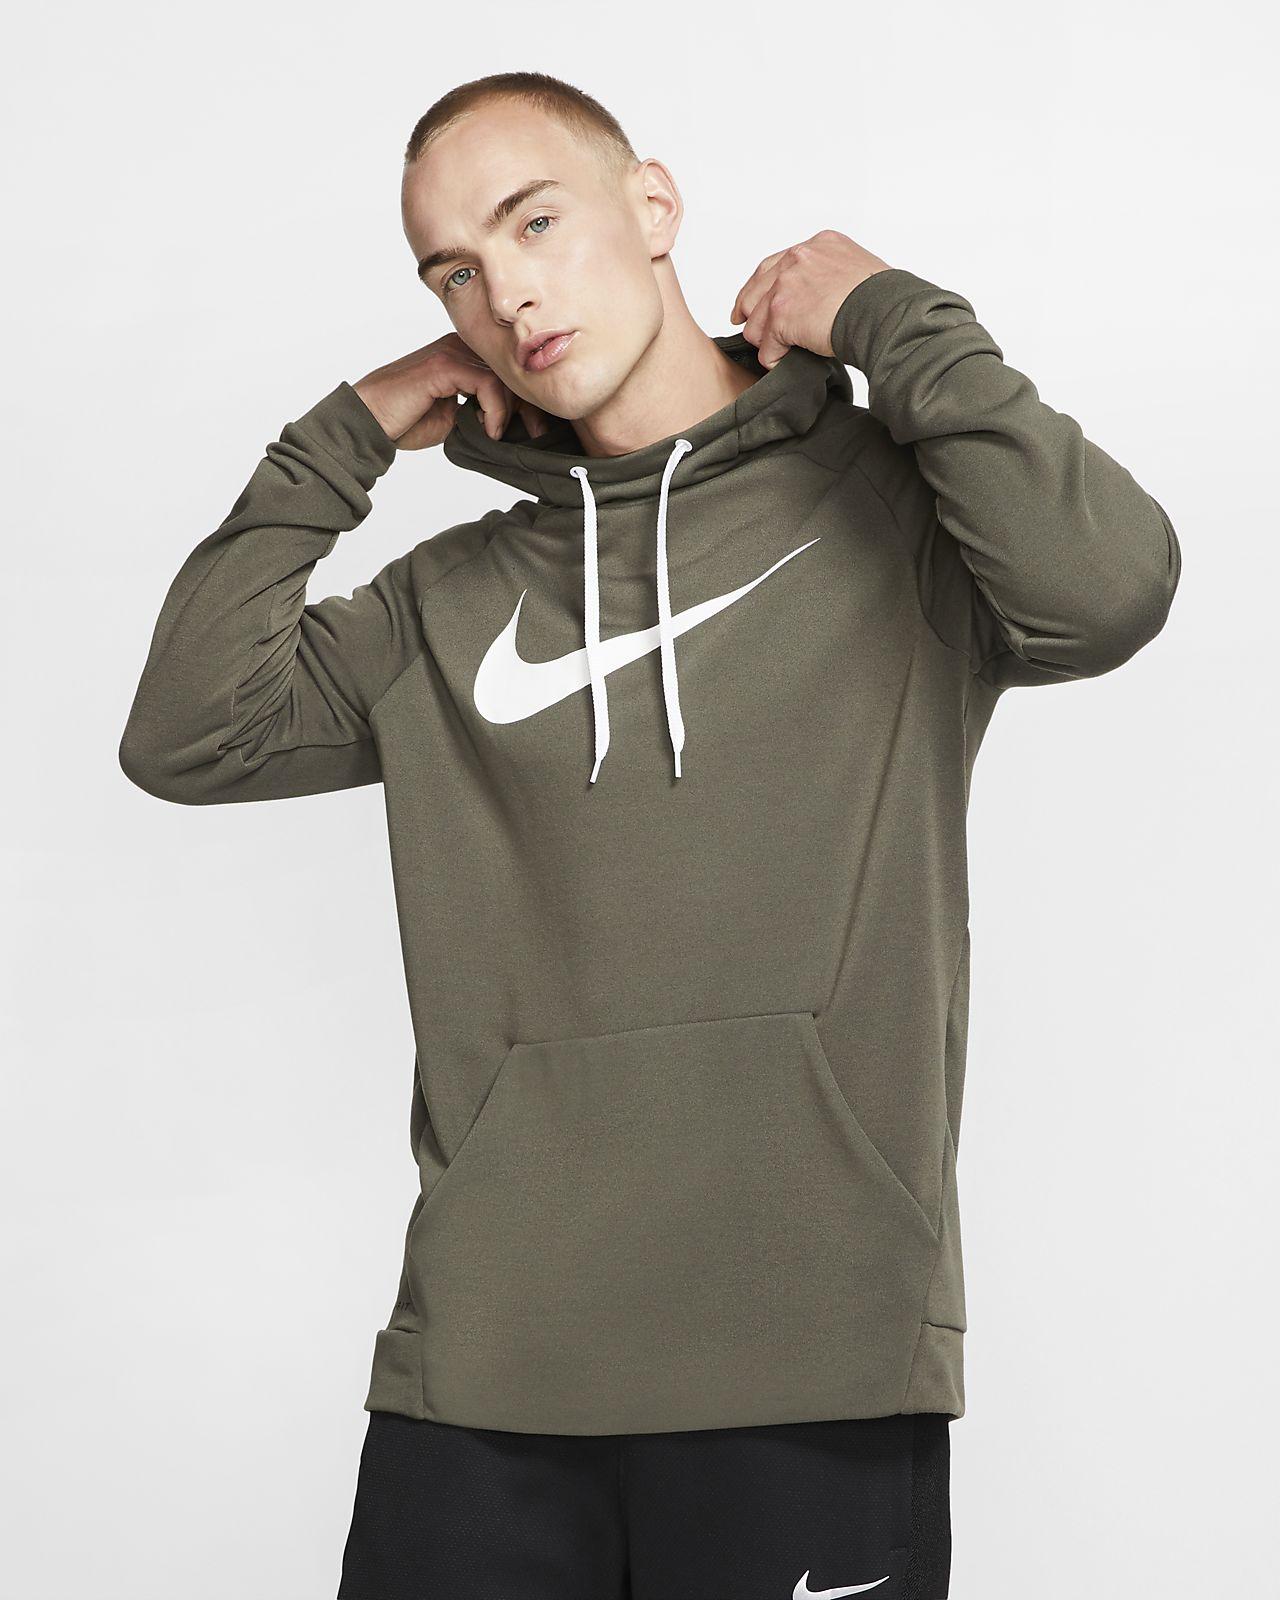 Nike Dri-FIT Trainings-Hoodie für Herren